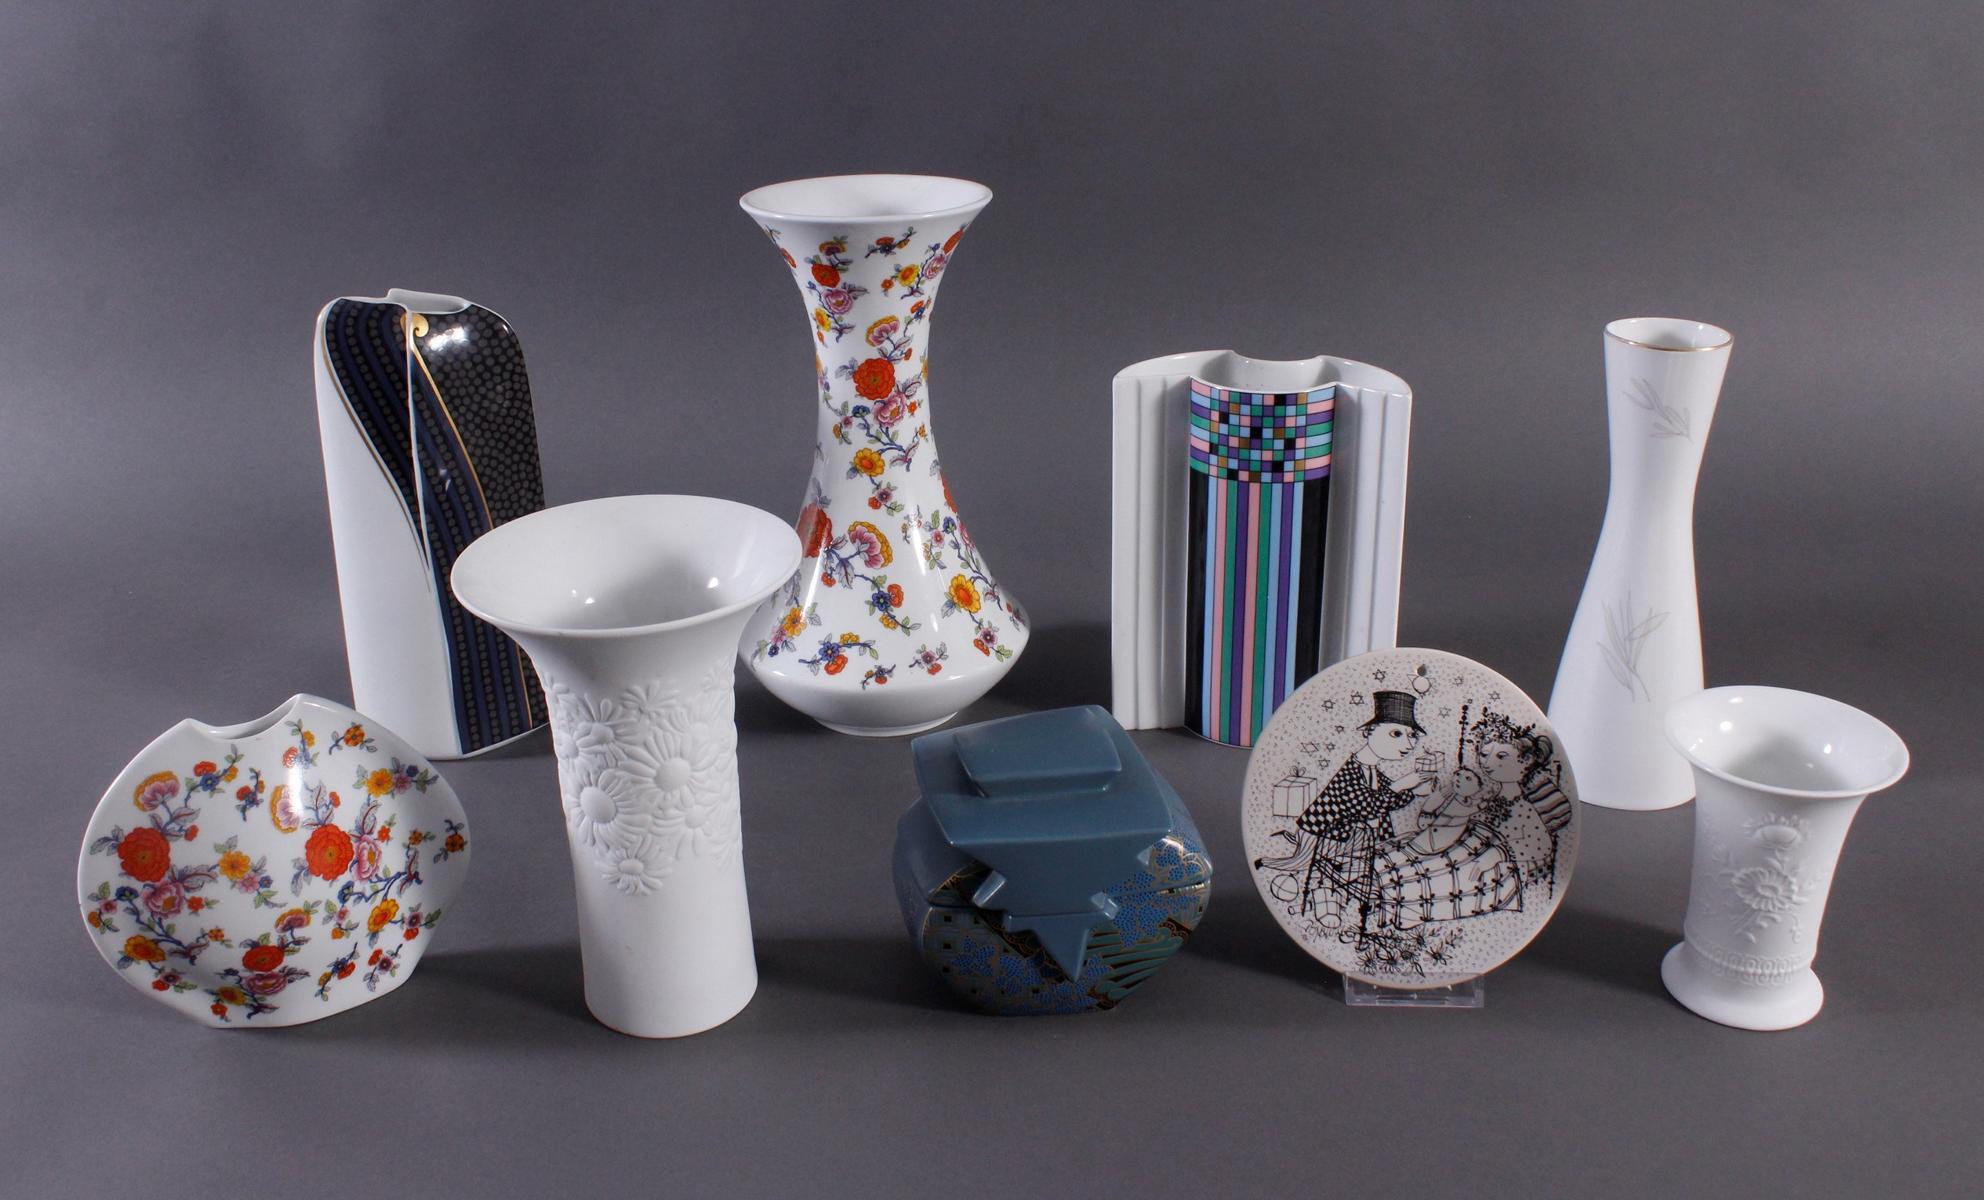 Porzellan Vasen und Zuckerbehälter